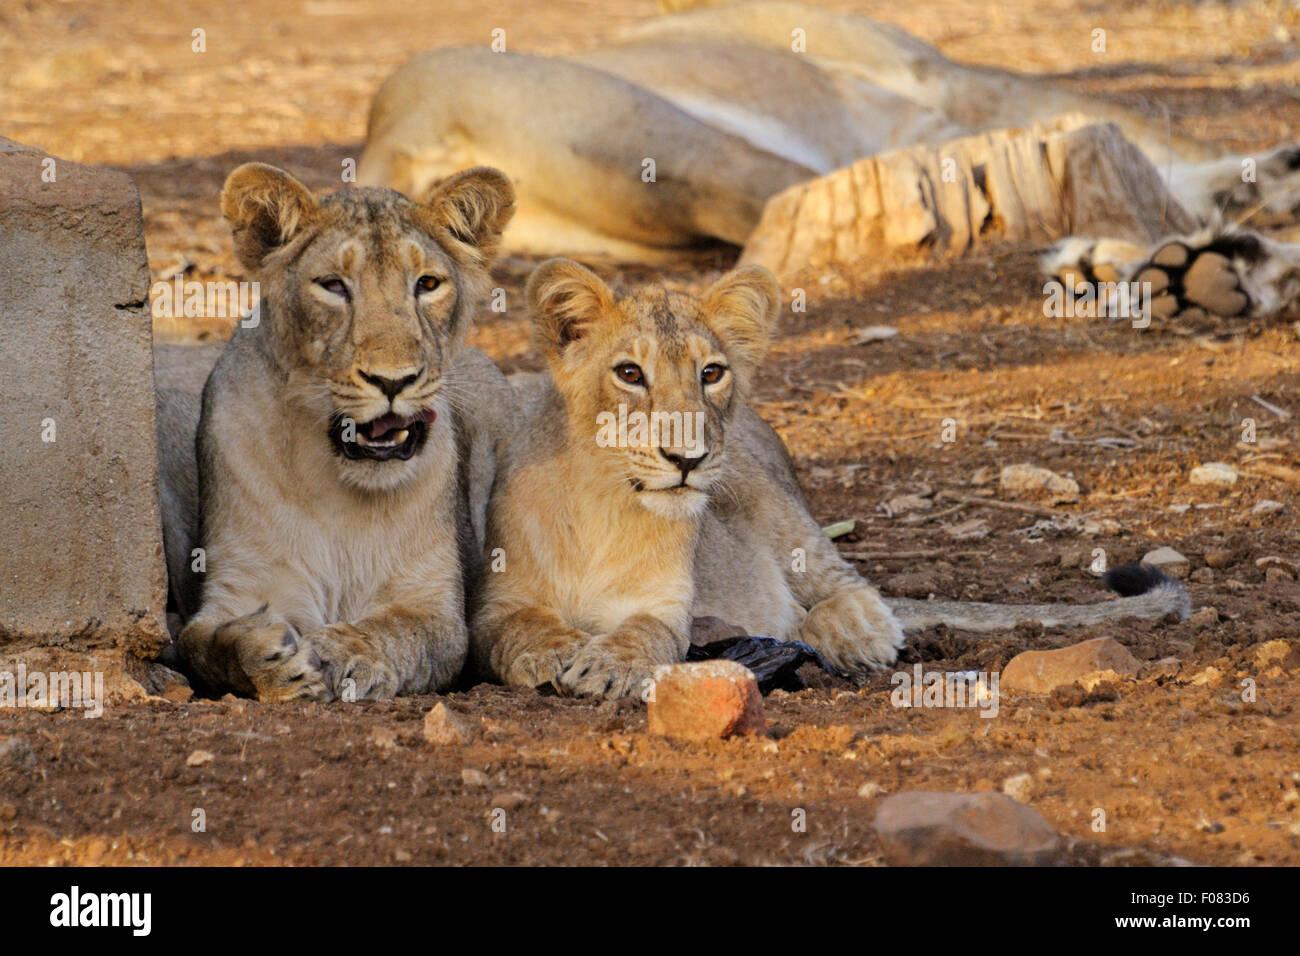 Asiatic lions (Panthera leo persica) at Gir national park, gujarat, india - Stock Image